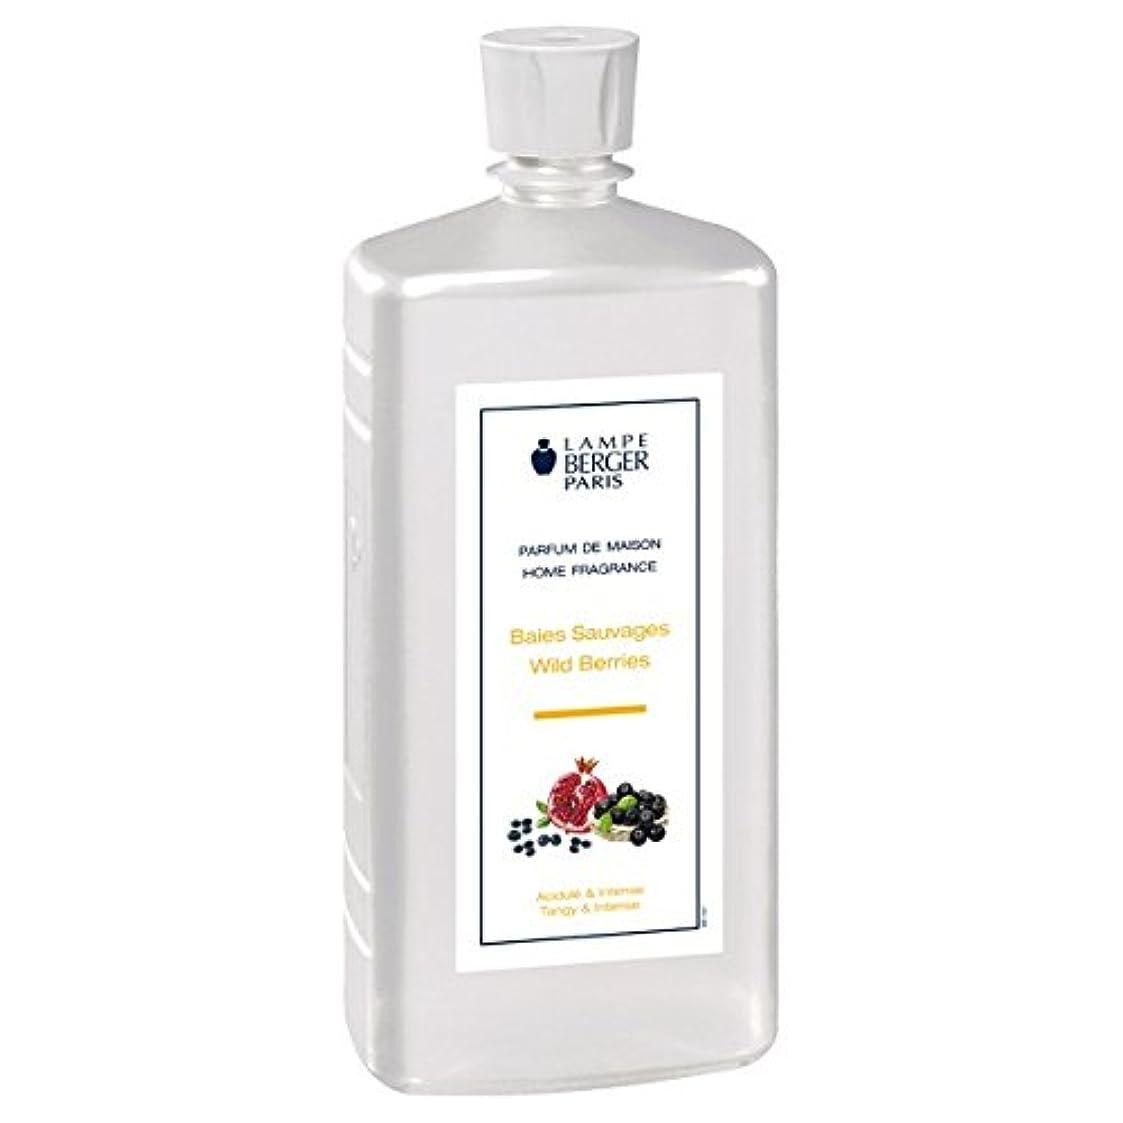 土砂降り法律正確にランプベルジェパリ直輸入パフュームアロマオイル1Lワイルドベリーズの香り(甘いリキュールの香りがアクセントでラストのレッドドラゴンフルーツやムスクなどの優しいハーモニーの香り